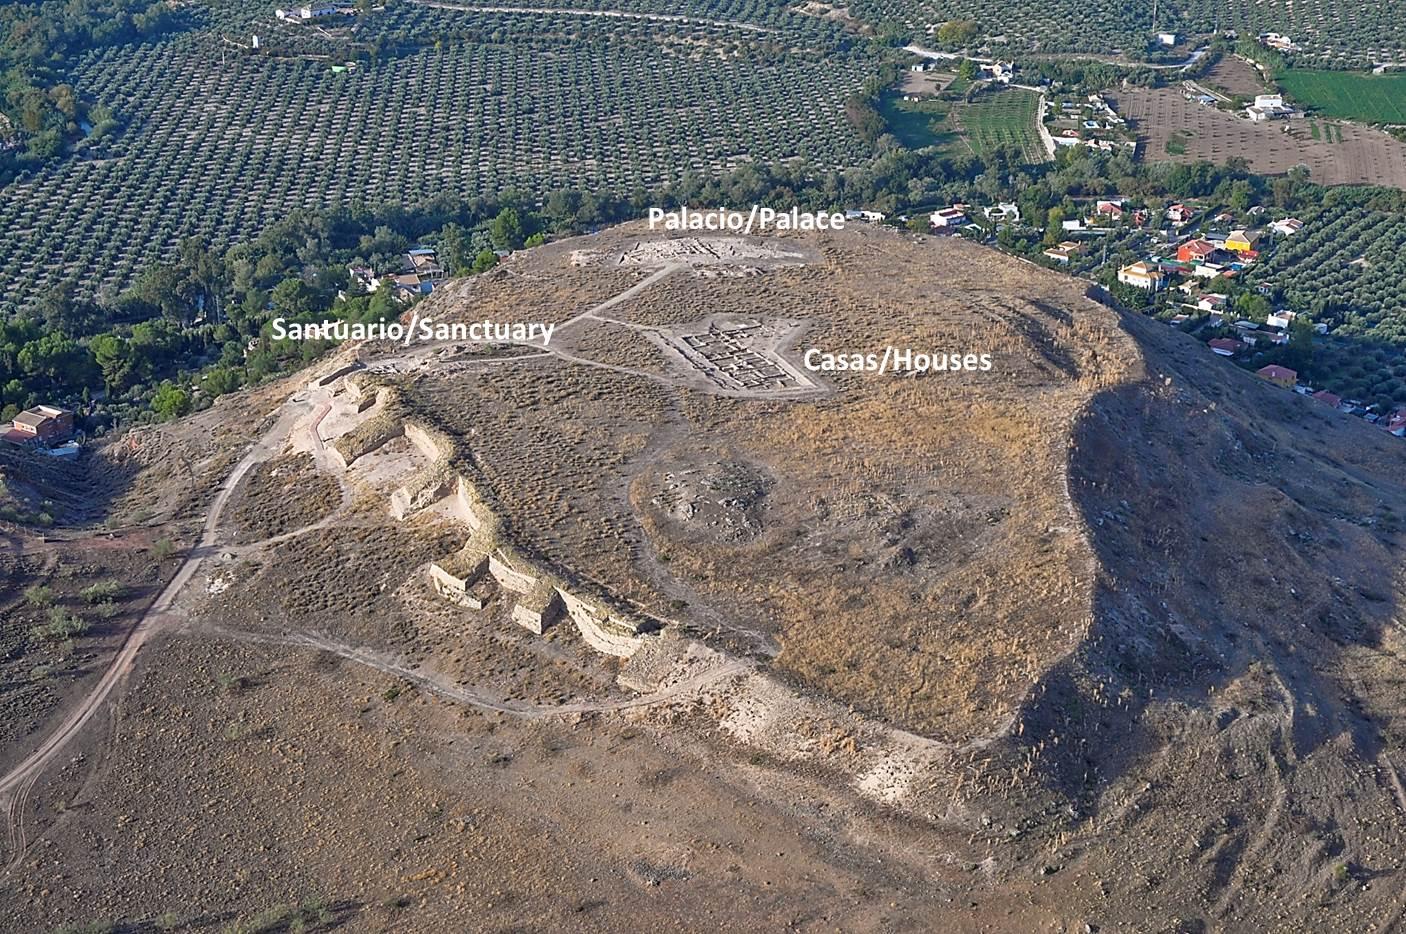 Aerial photo of the oppidum Puente Tablas